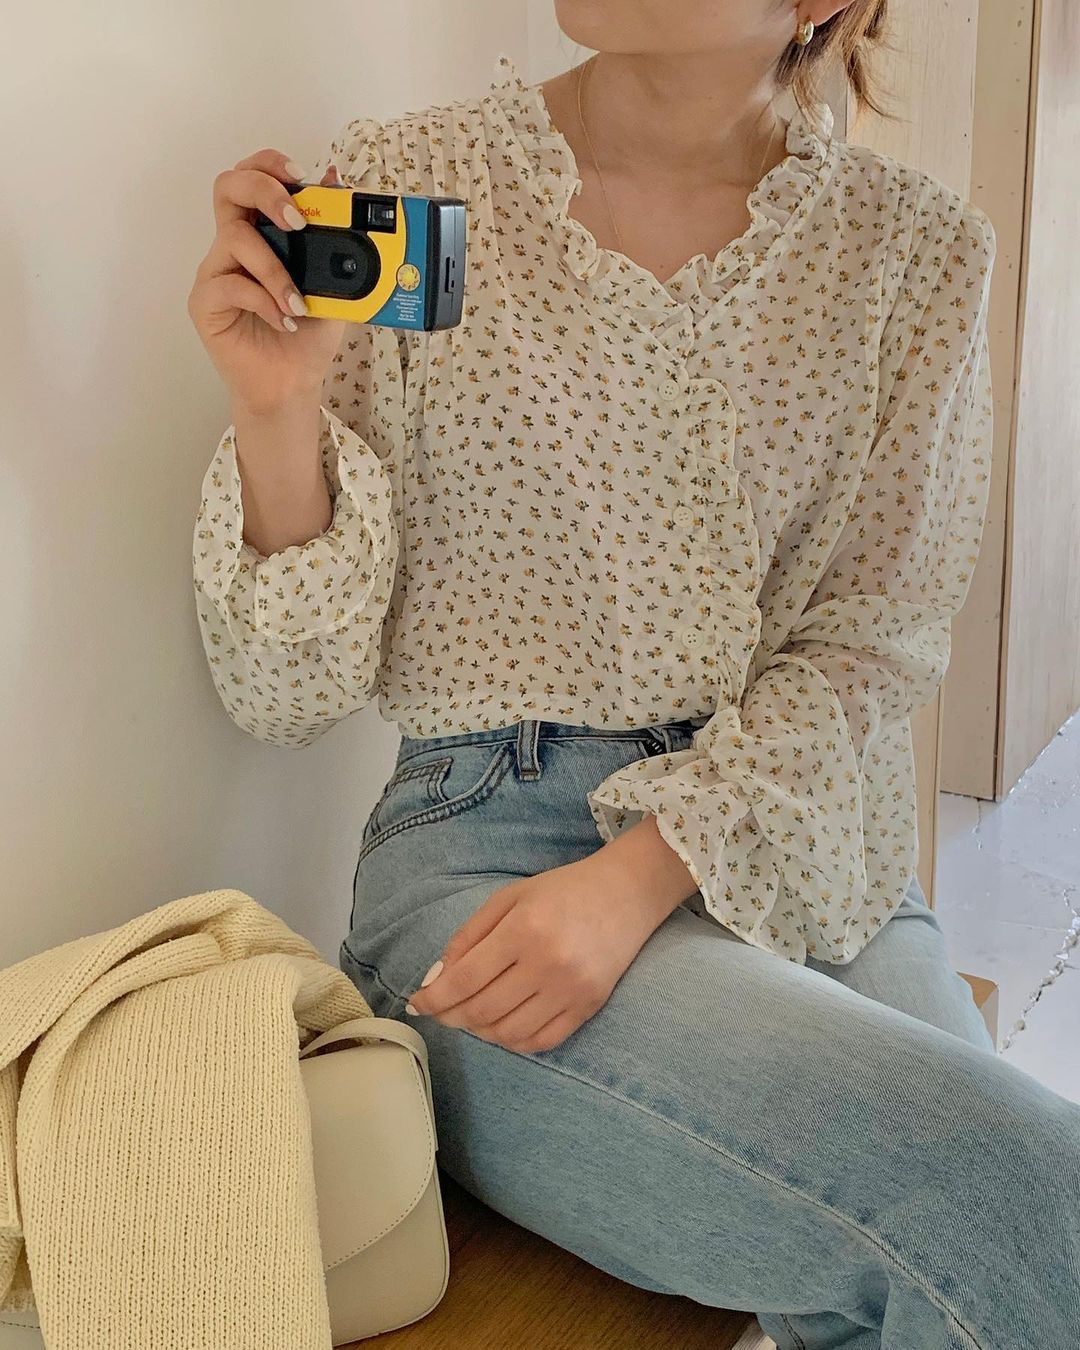 Gái Hàn có 12 cách lên đồ với áo blouse đẹp mê, xem xong là muốn copy đến sở làm liền - Ảnh 1.